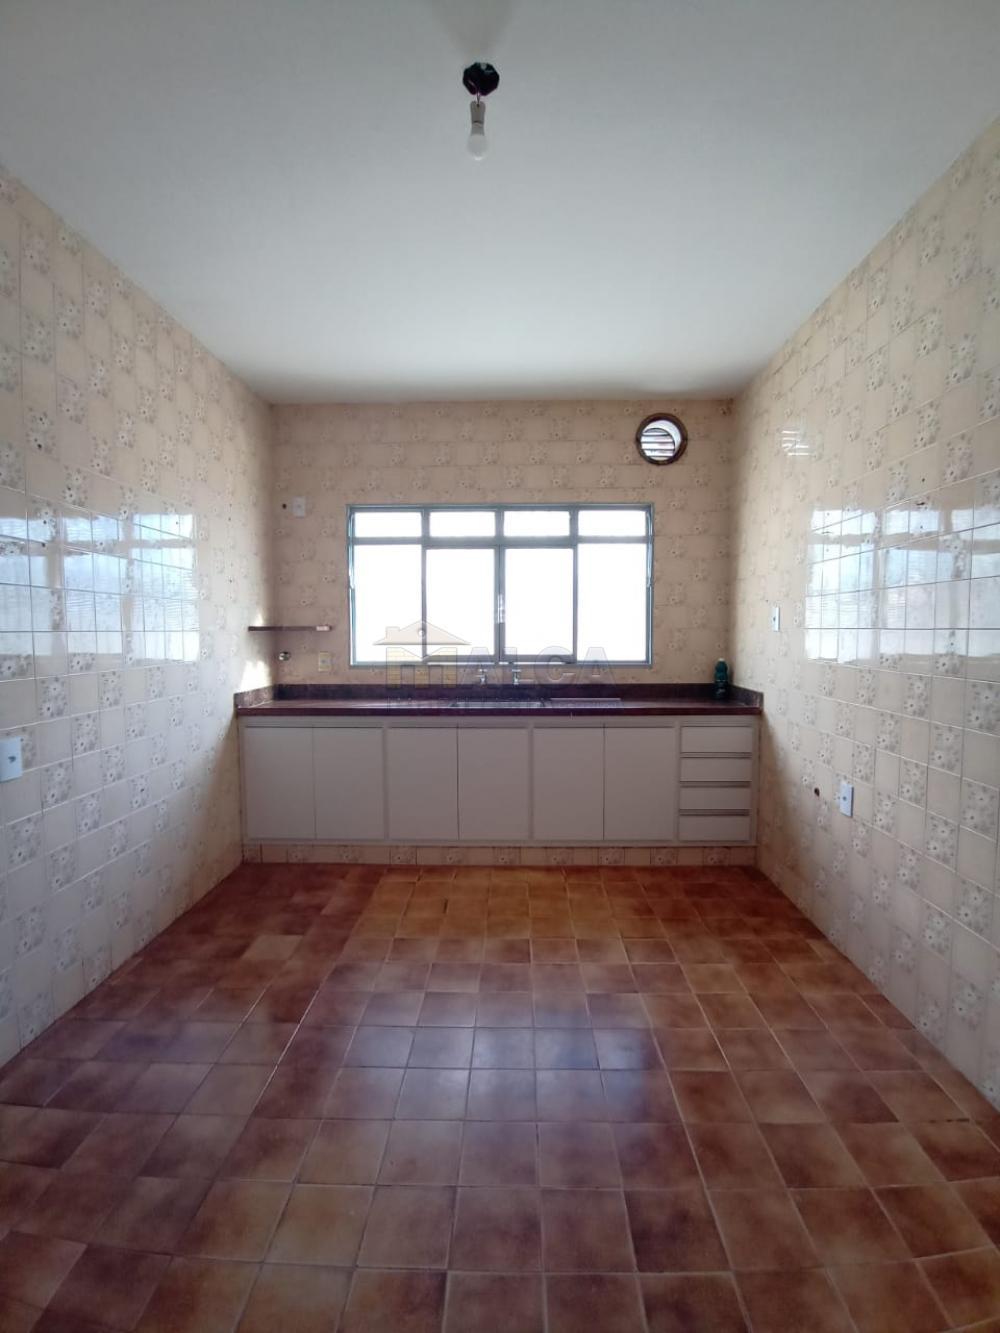 Alugar Casas / Padrão em São José do Rio Pardo apenas R$ 2.500,00 - Foto 21